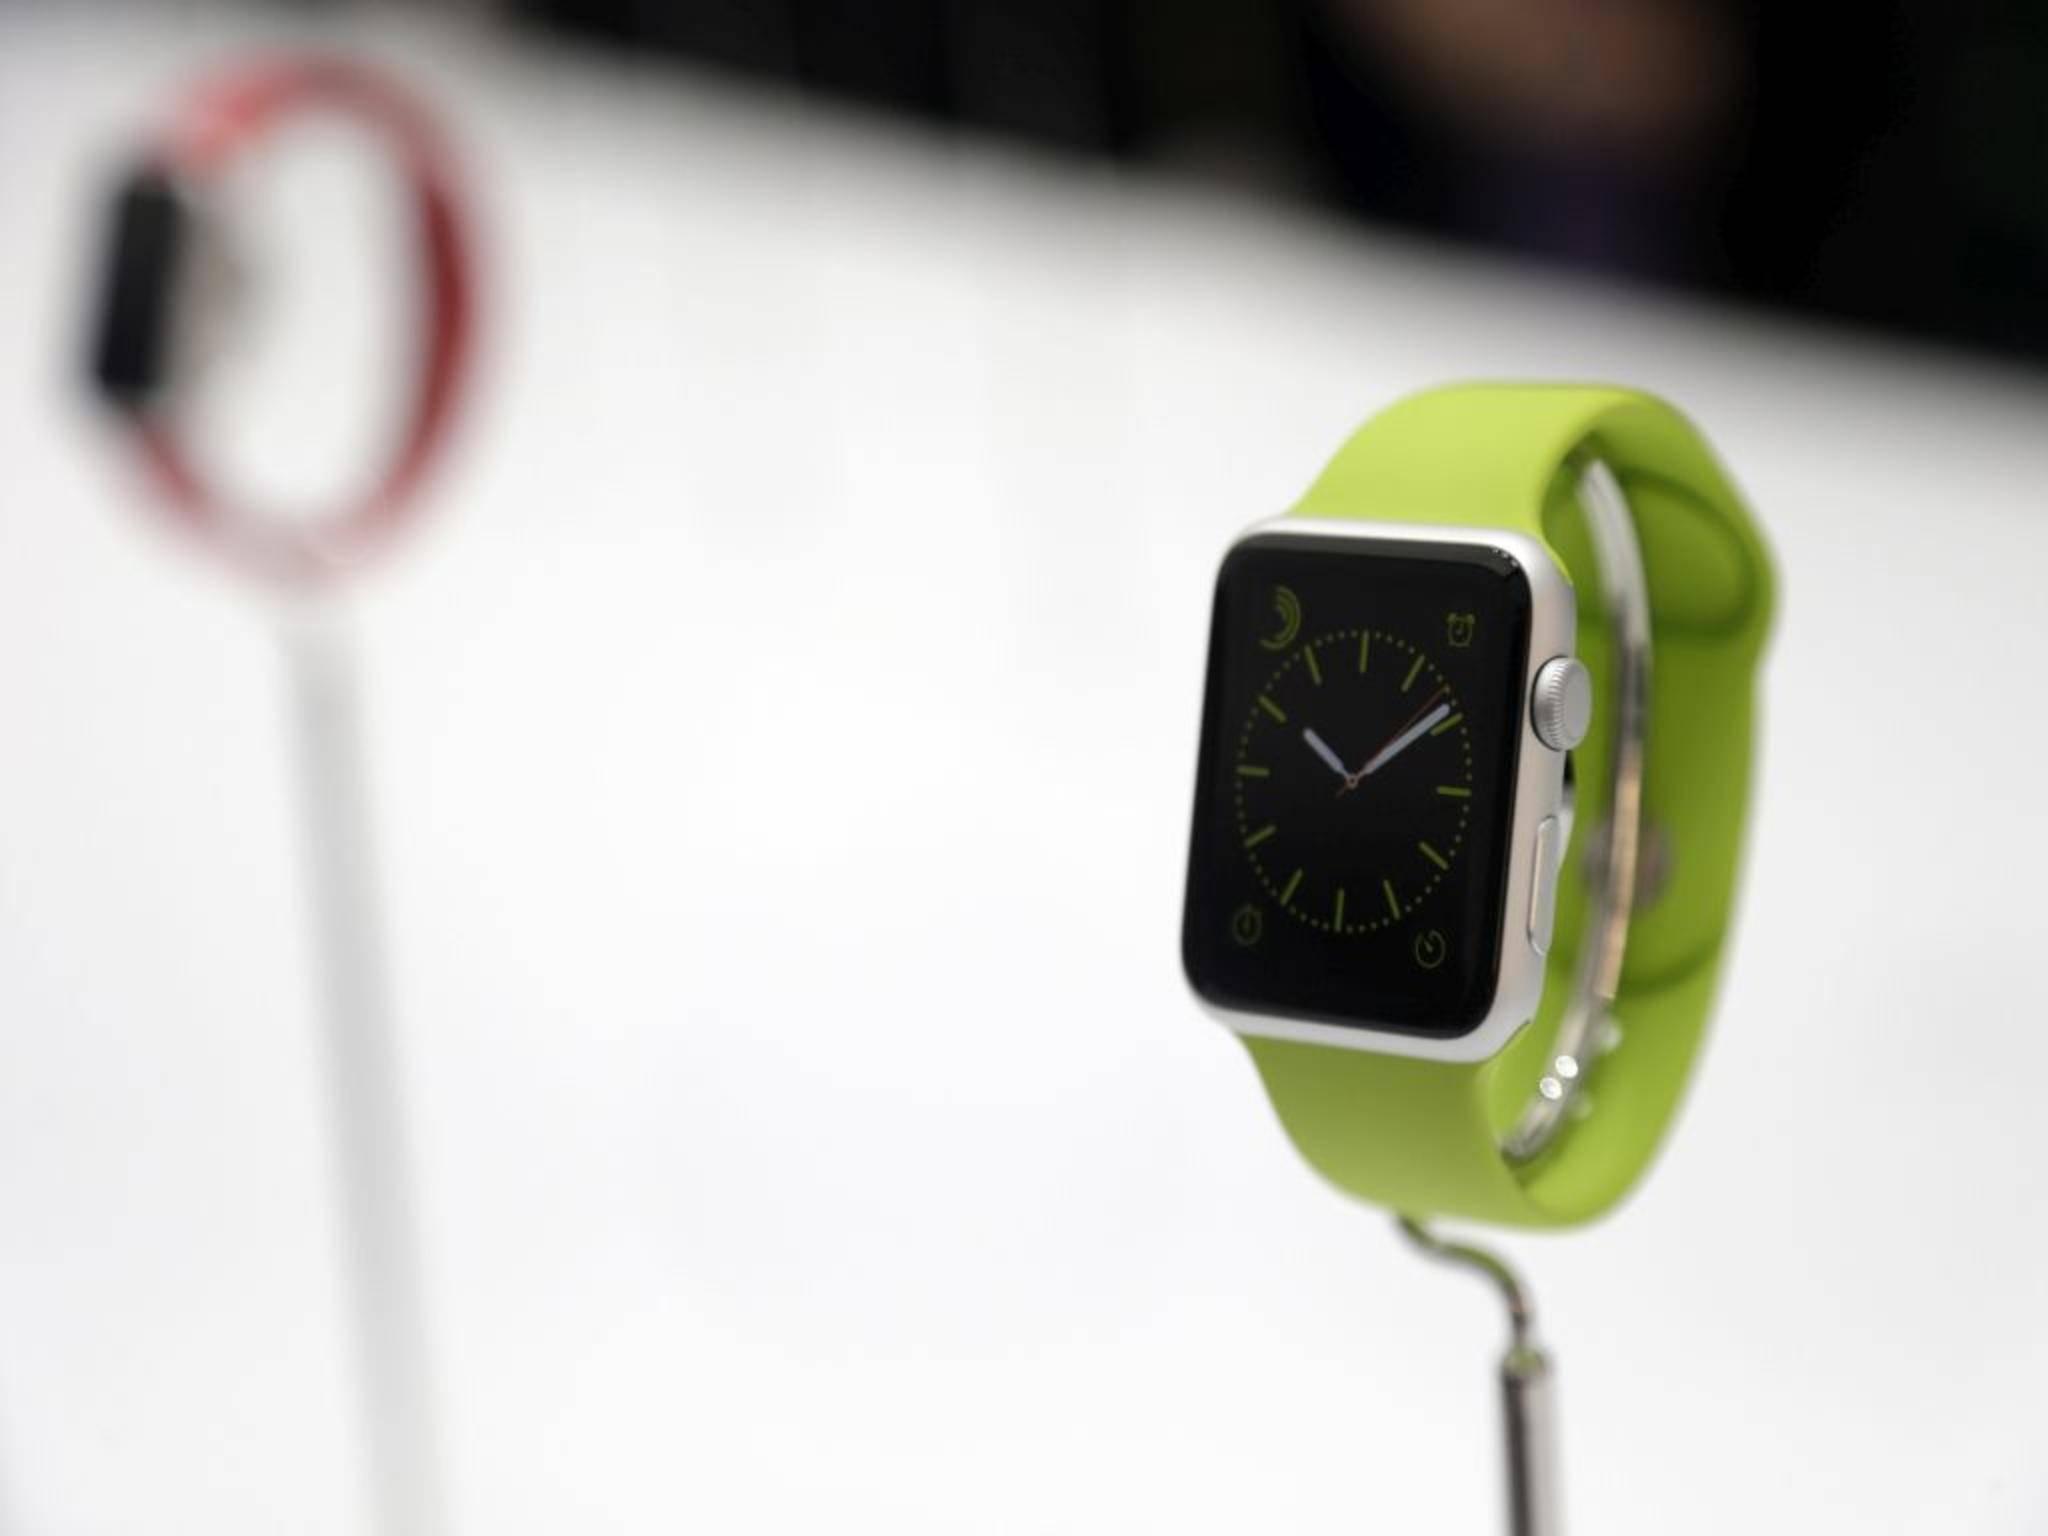 Kurz vor der Veröffentlichung: Die Apple Watch will den Wearables-Markt aufrollen.